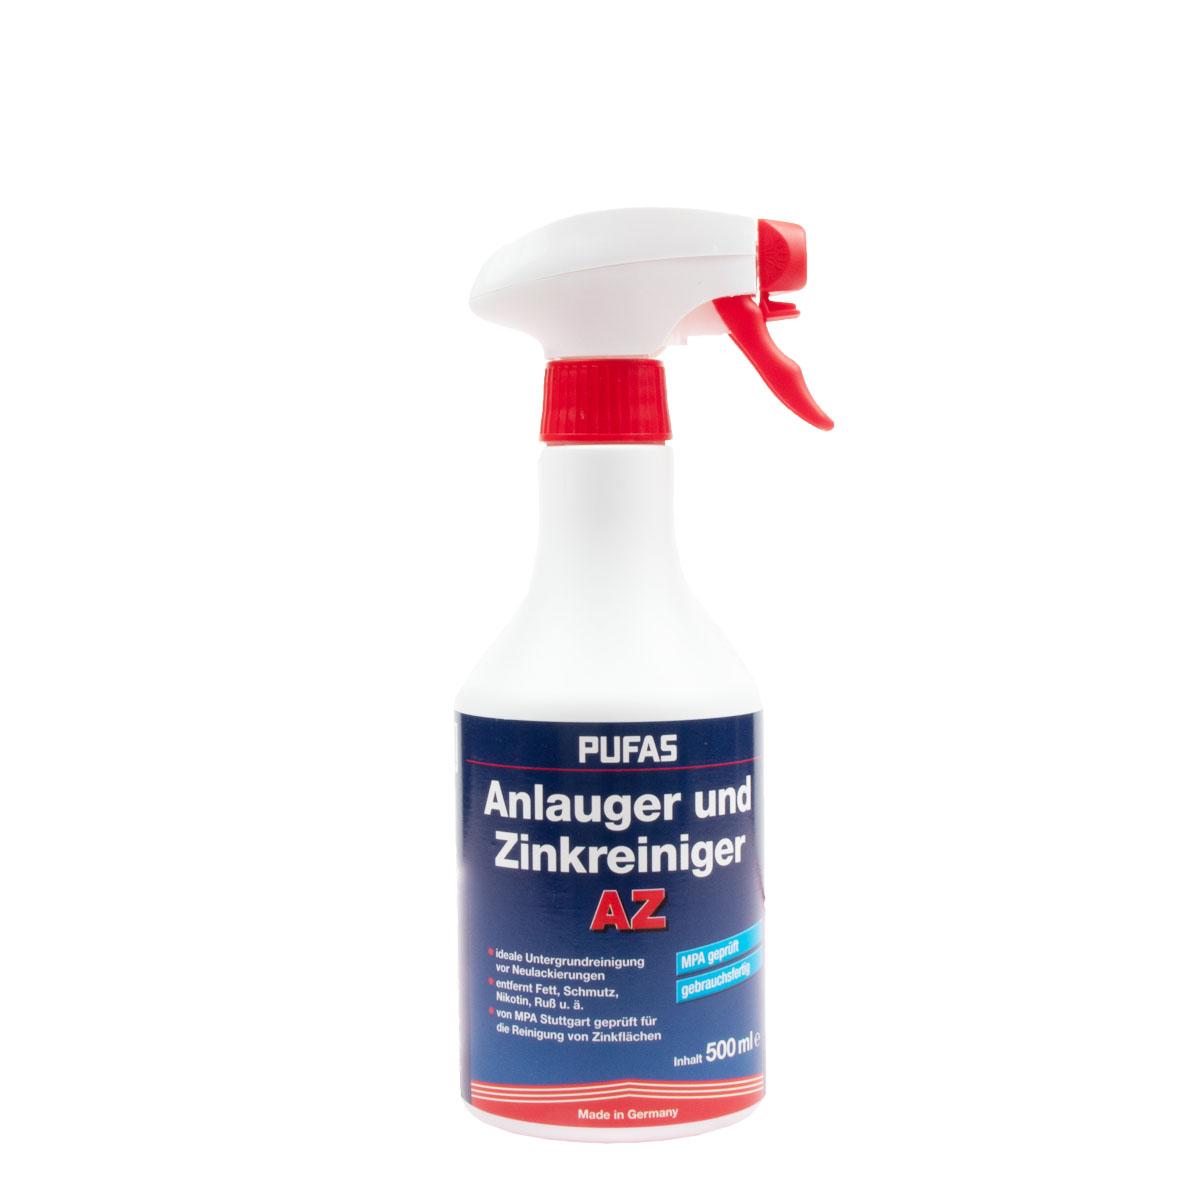 Pufas Anlauger und Entfetterspray 500ml, (Zinkreiniger),Untergrundvorbereitung